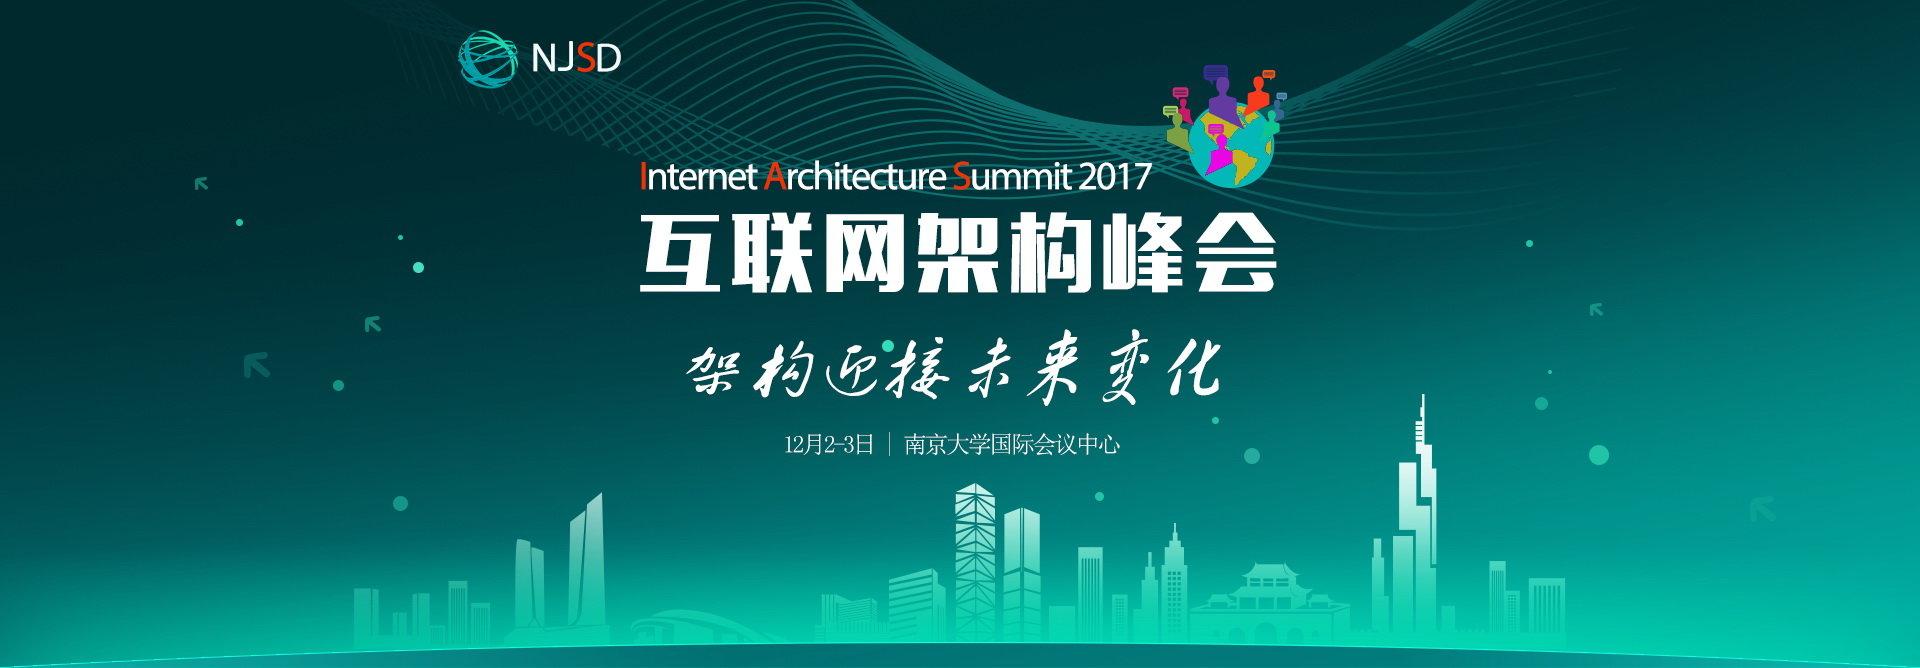 IAS2017互联网架构峰会